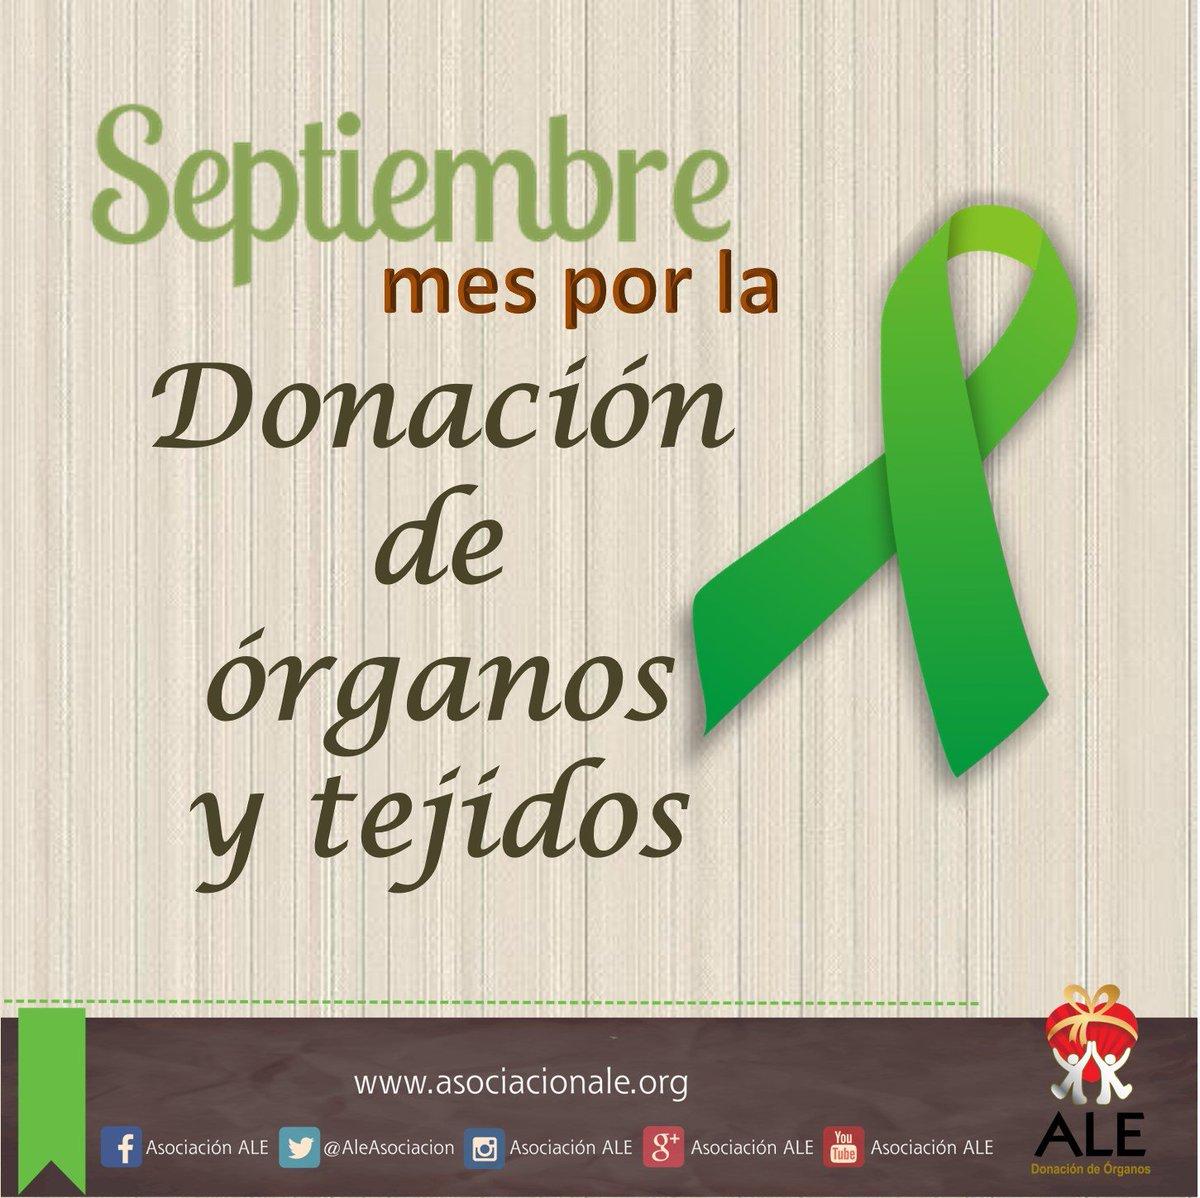 Di Sí a la vida... Septiembre mes por la donación de órganos https://t.co/a9VS1aC3wD